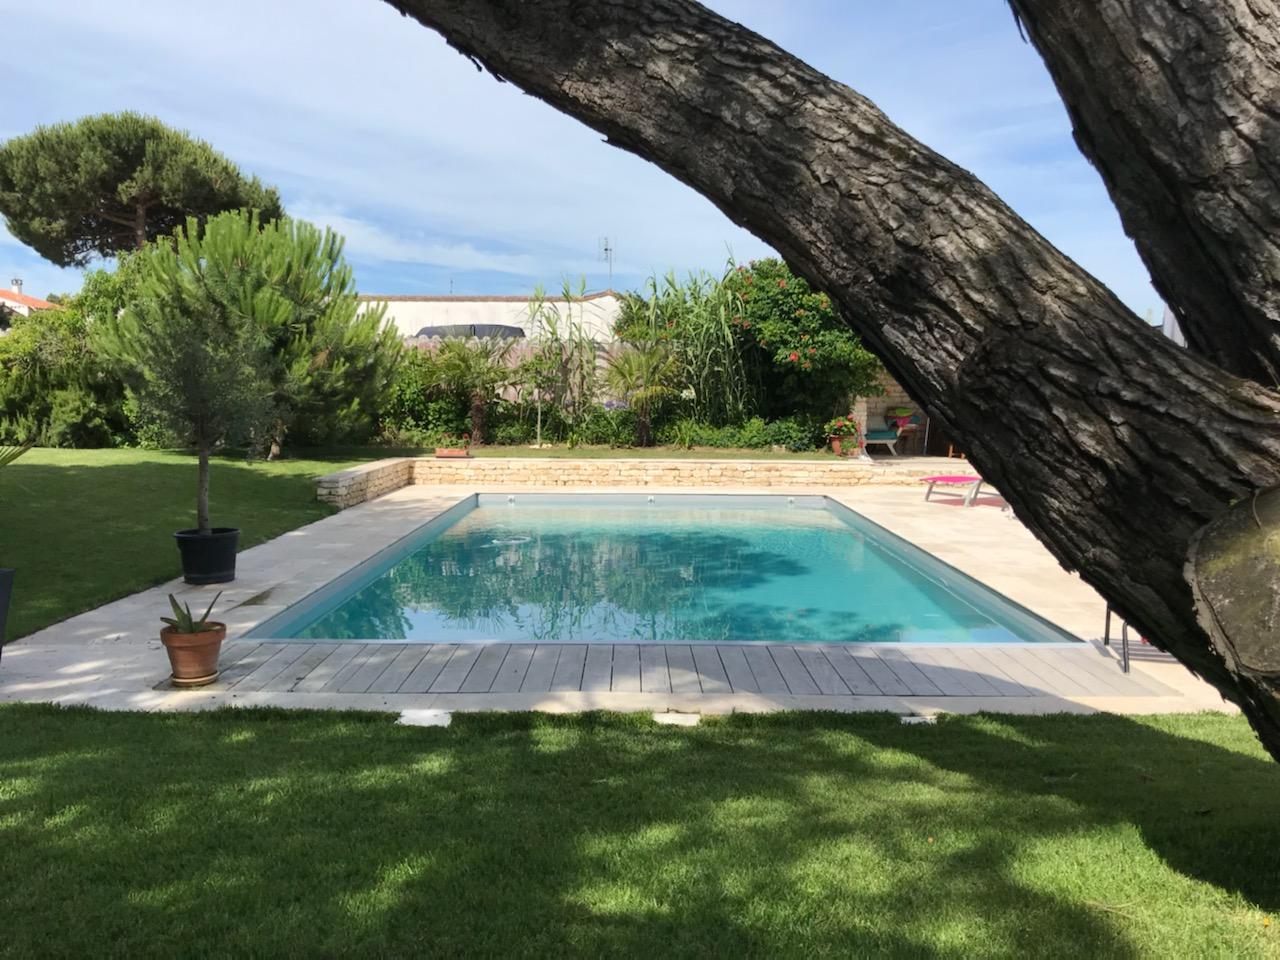 piscine oceazur entretien